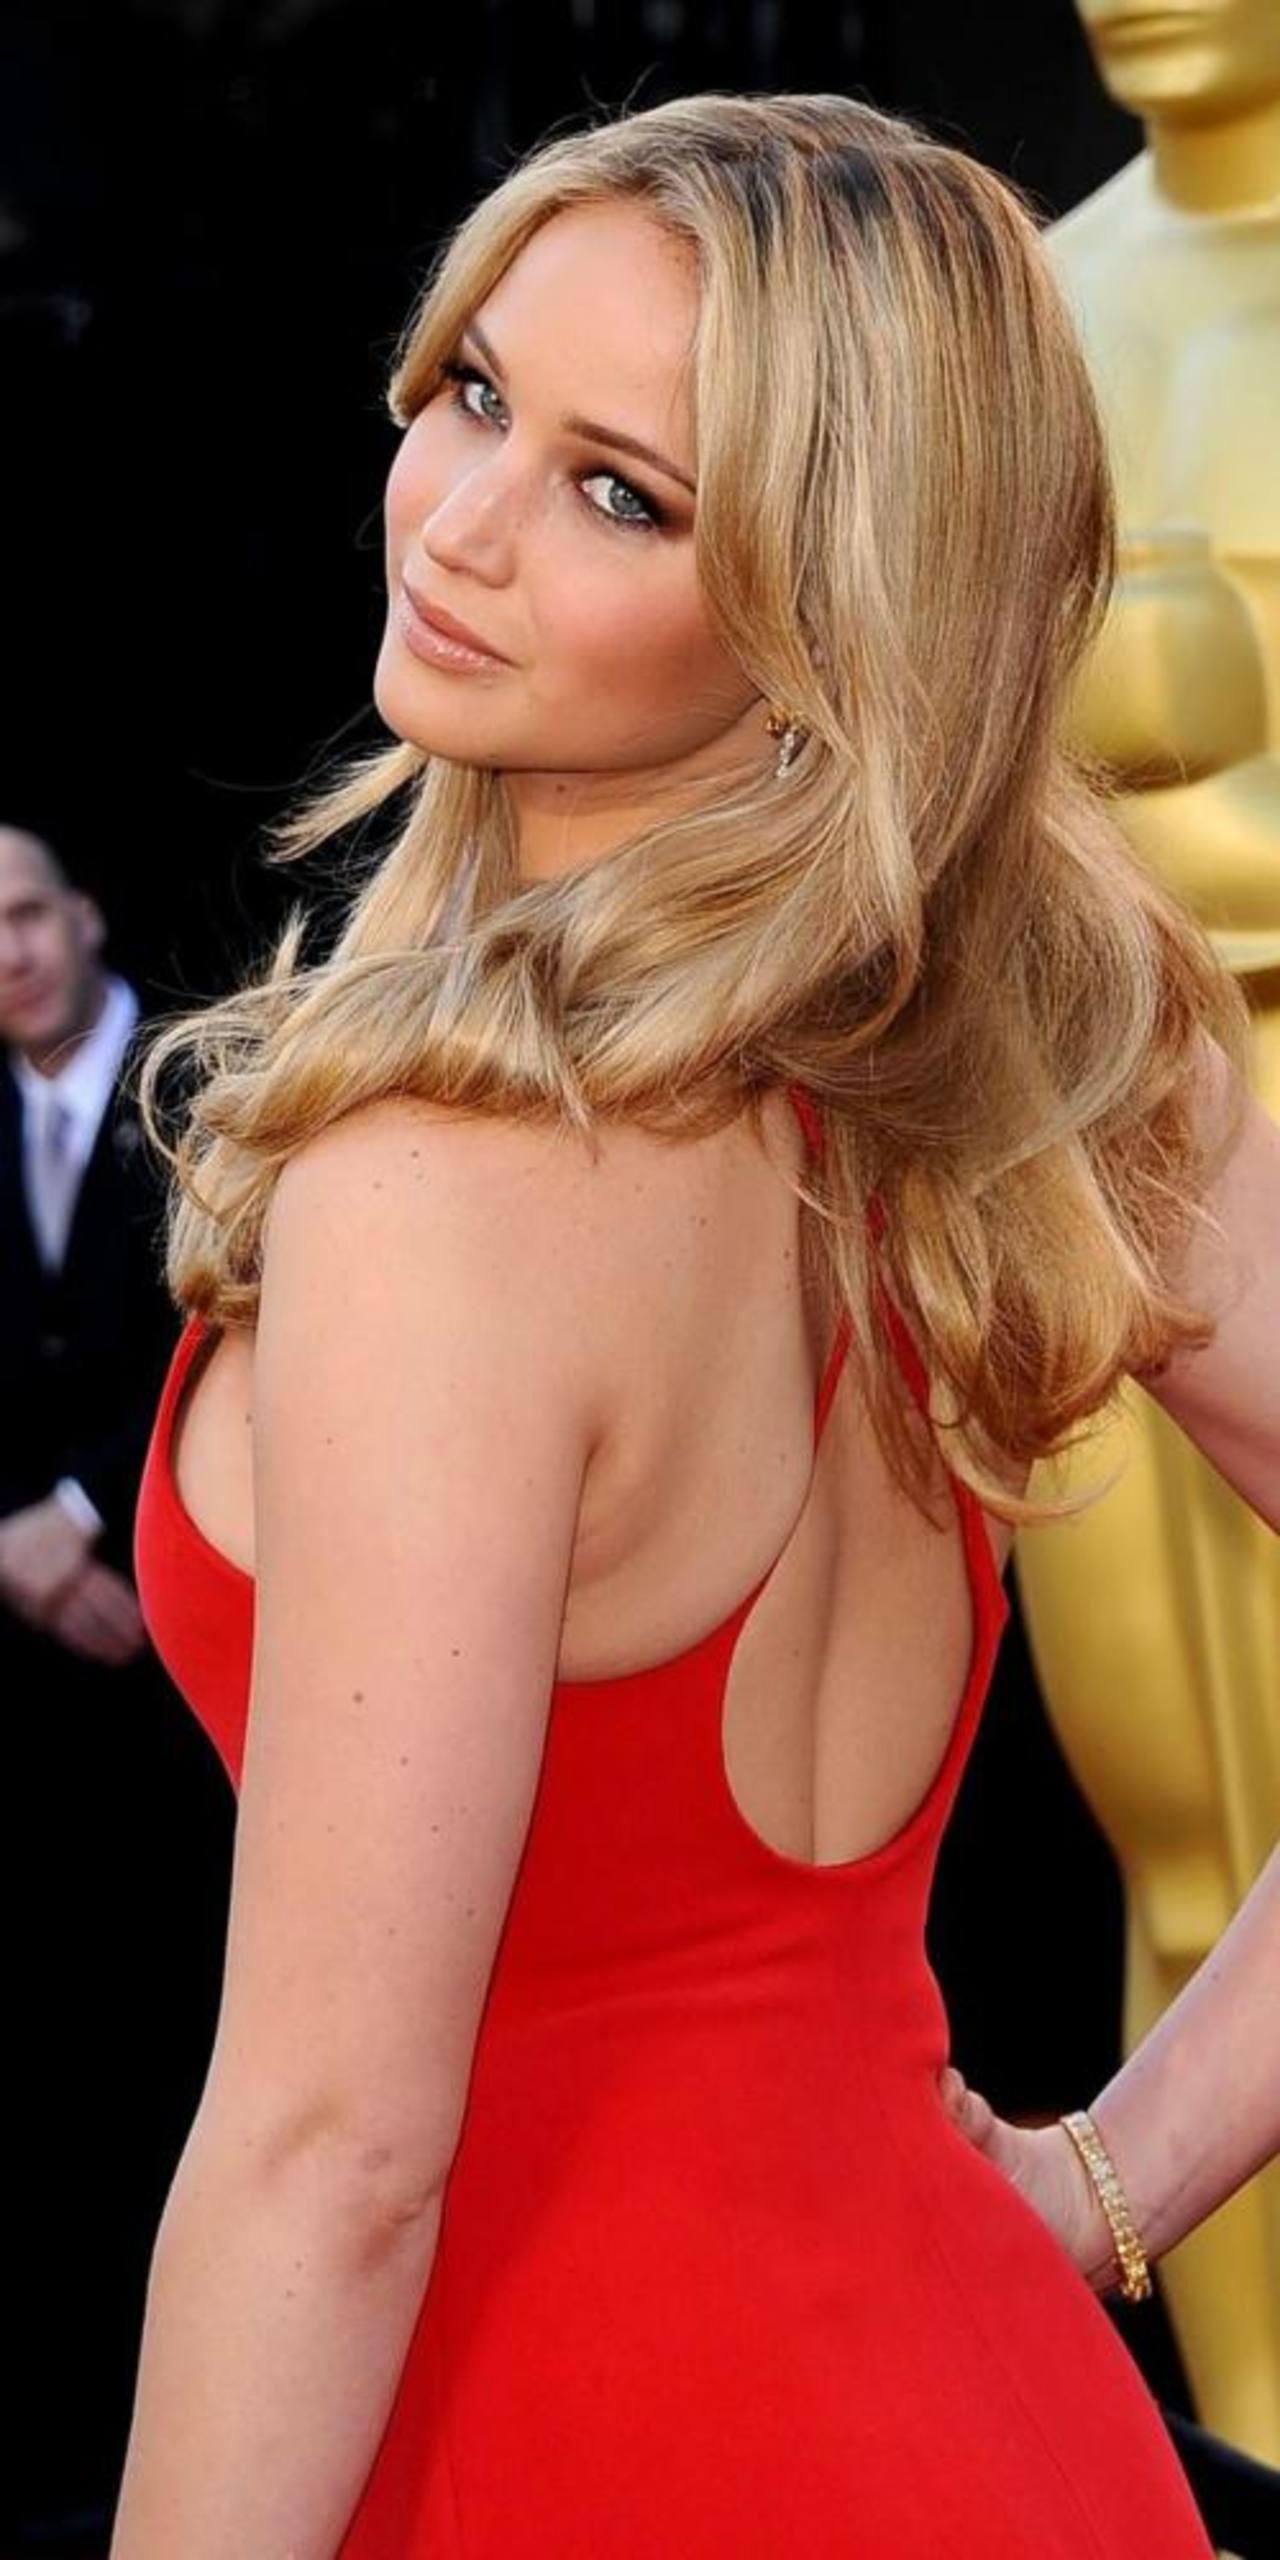 Jennifer Lawrence termina relación con Nicholas Hoult